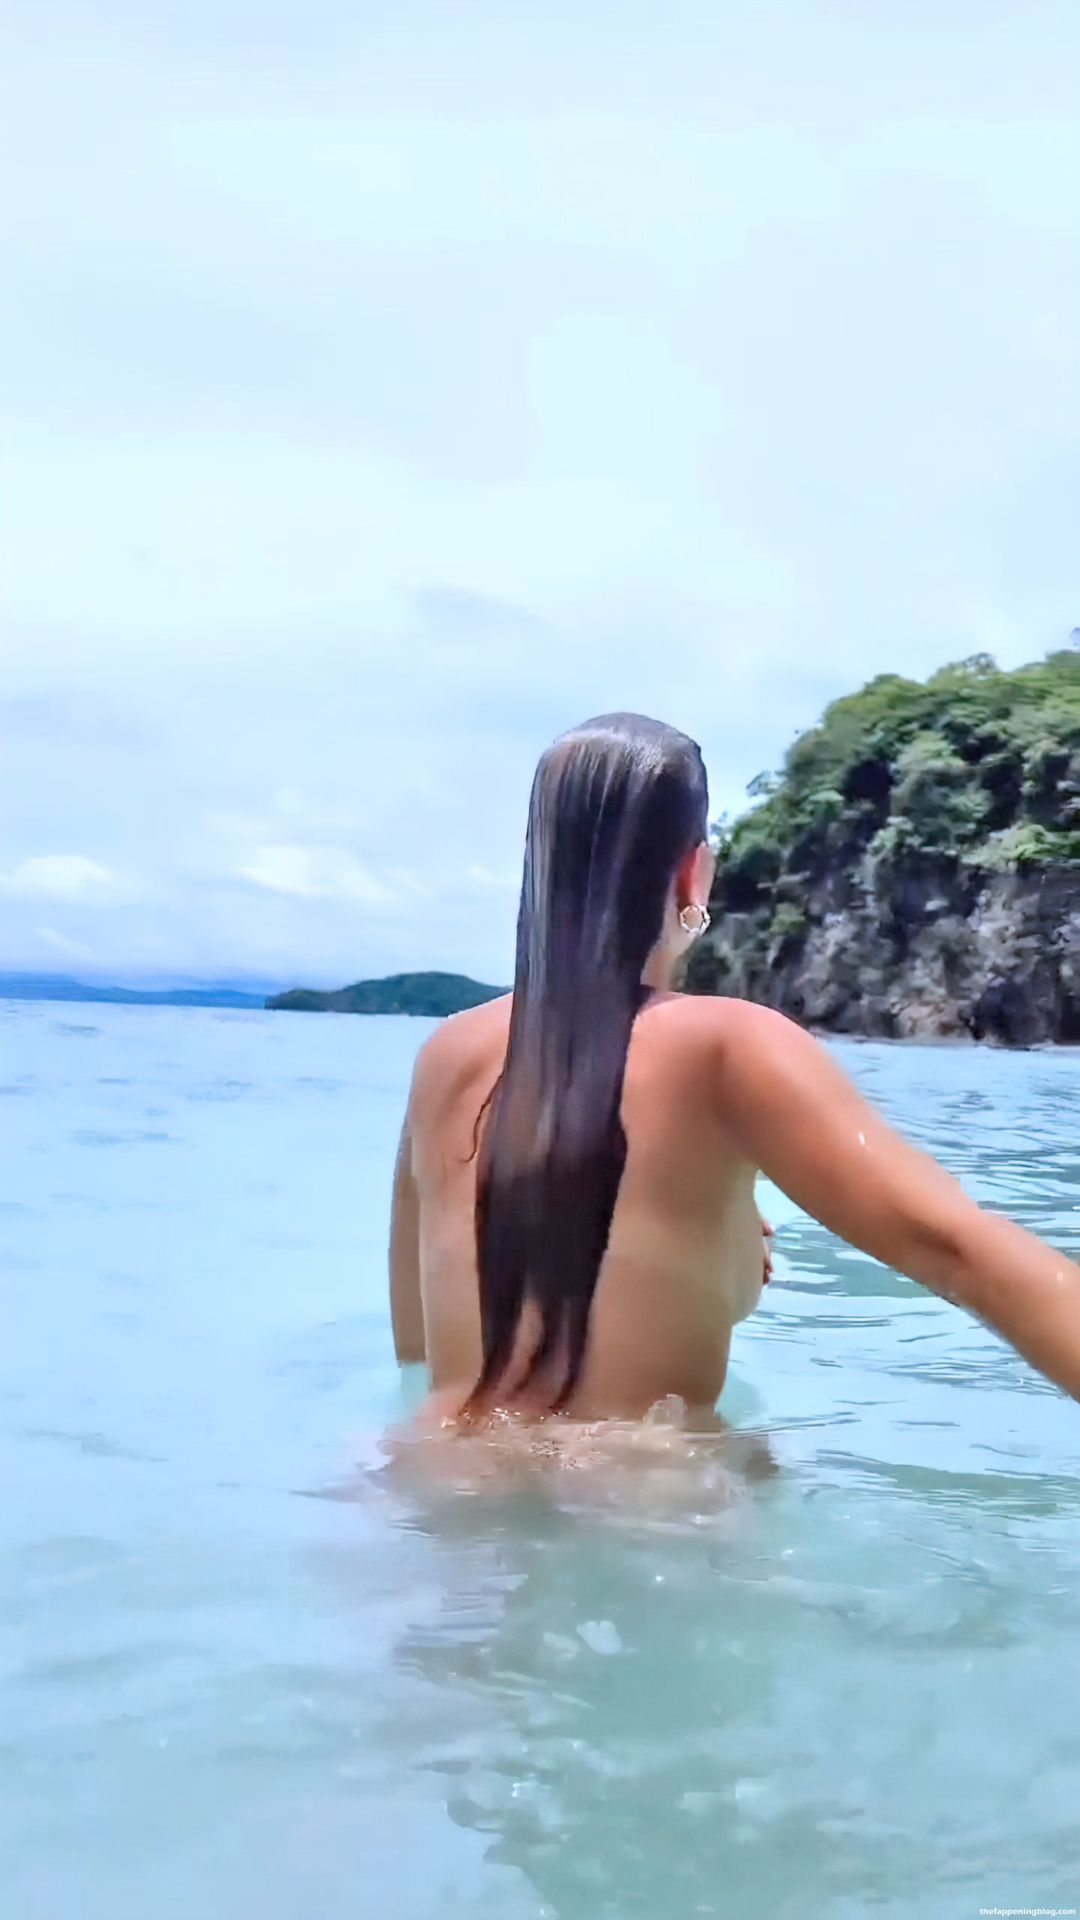 Kara-Del-Toro-Topless-Pics-5-thefappeningblog.com_.jpg